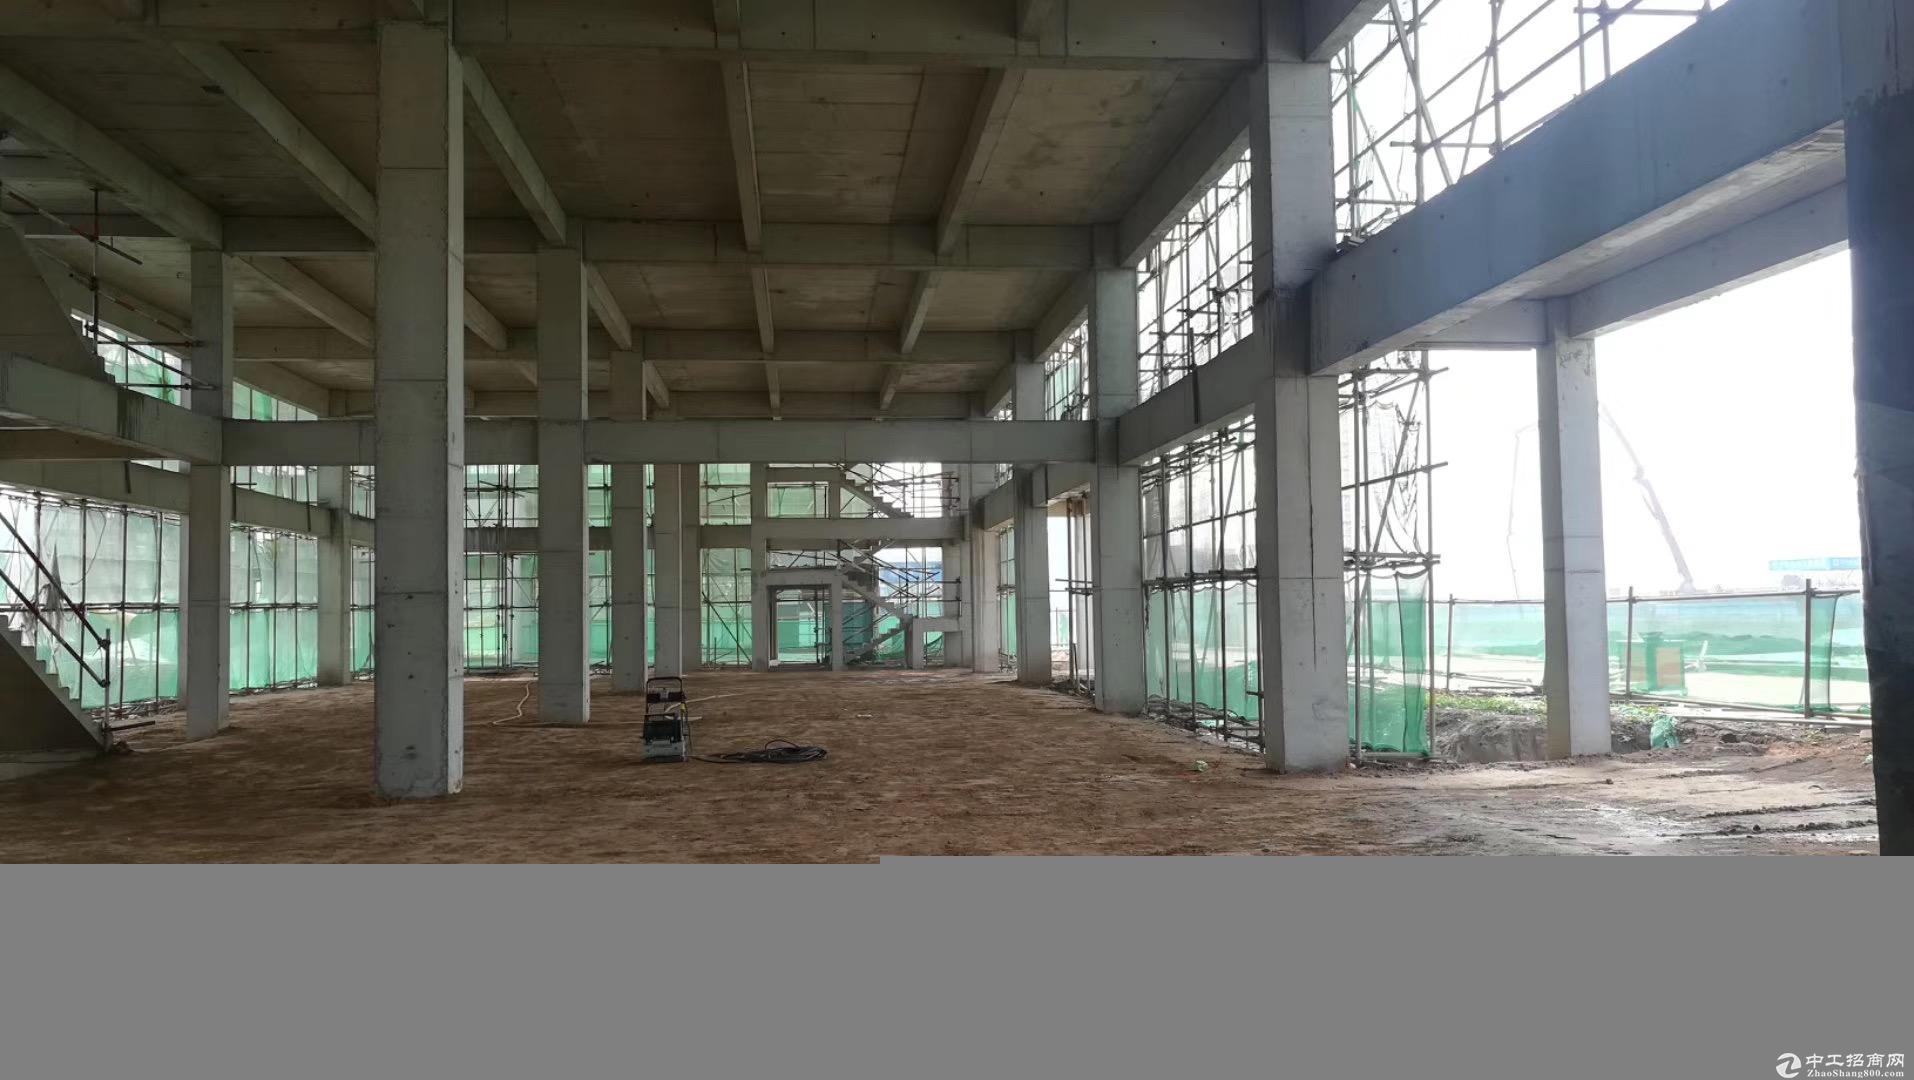 出售工业厂房,9米高、可按揭、大产权